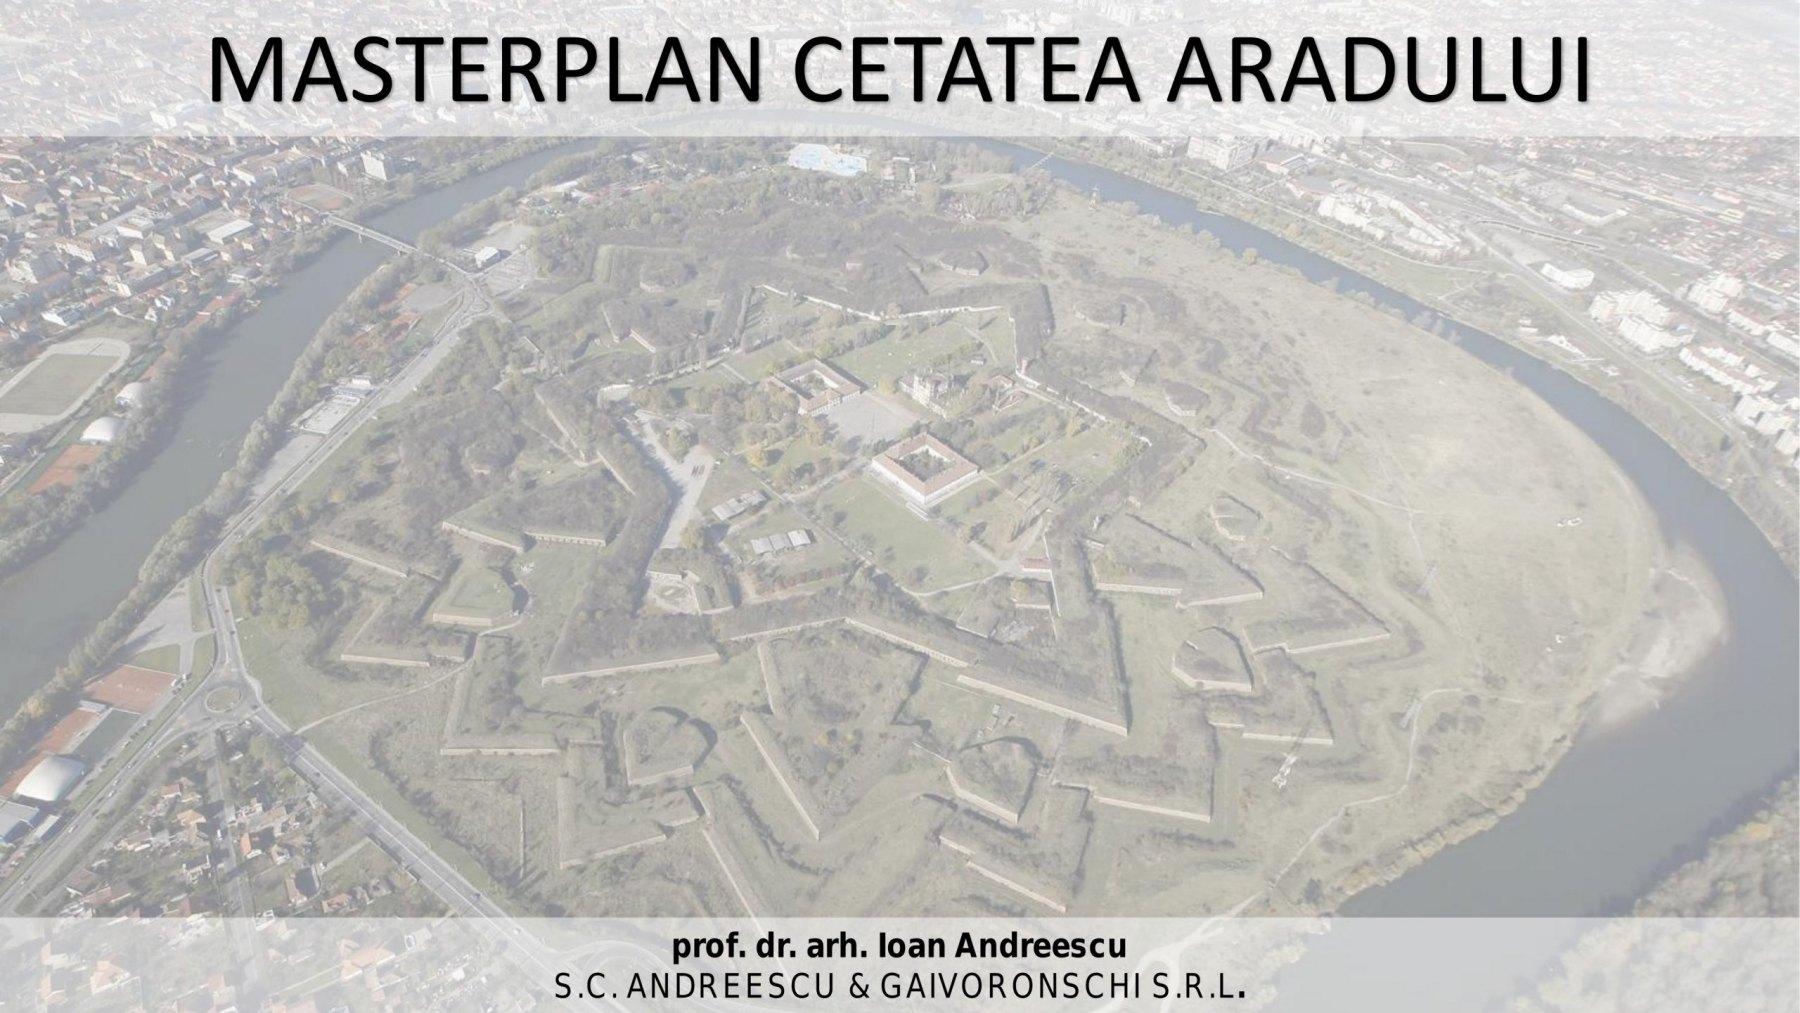 Prezentare-masterplan-Cetatea-Aradului-Februarie-2021-1-2-scaled